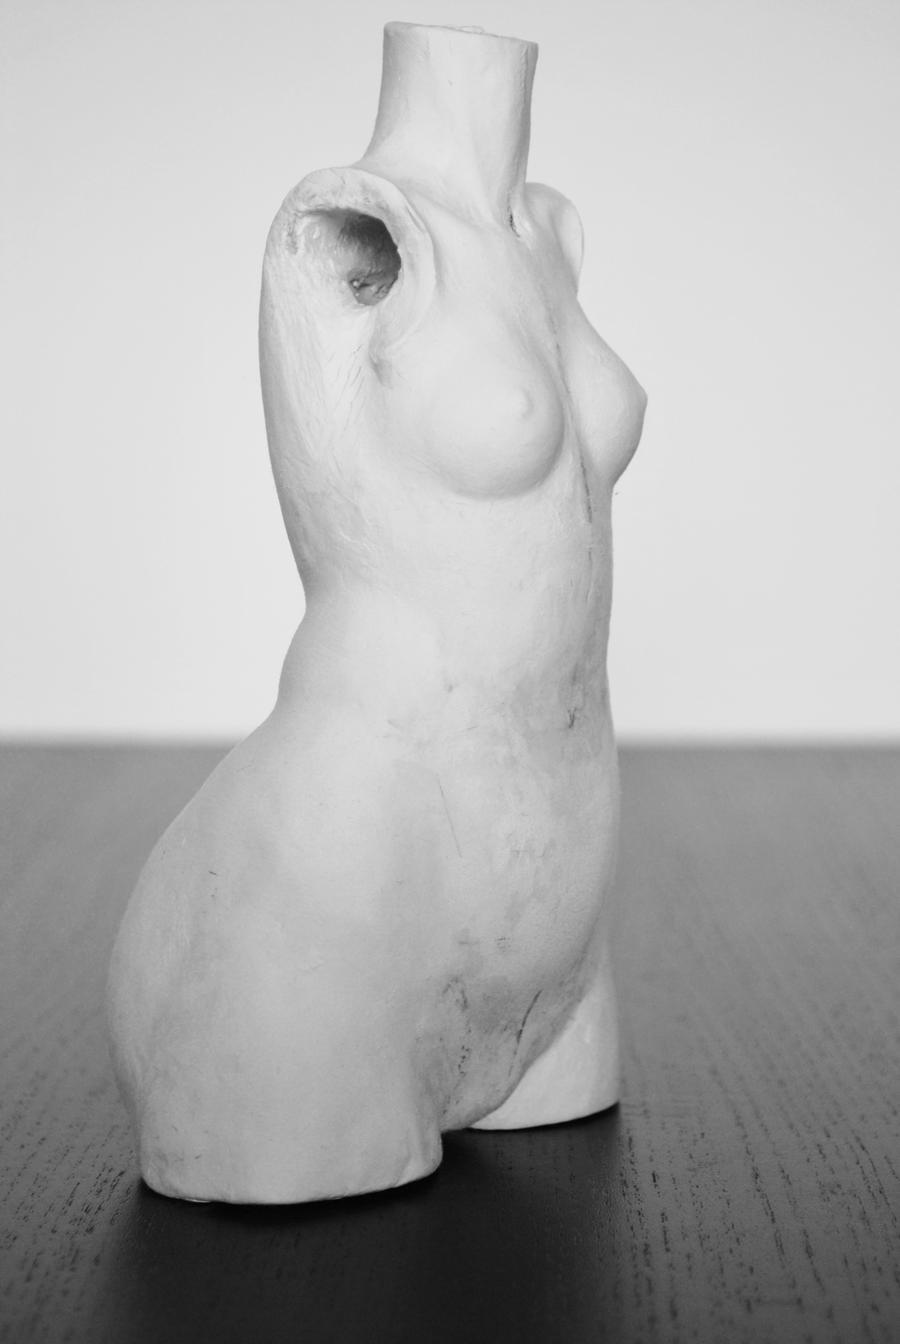 BJD Salome: More Torso 6 by FreakStyleBJD